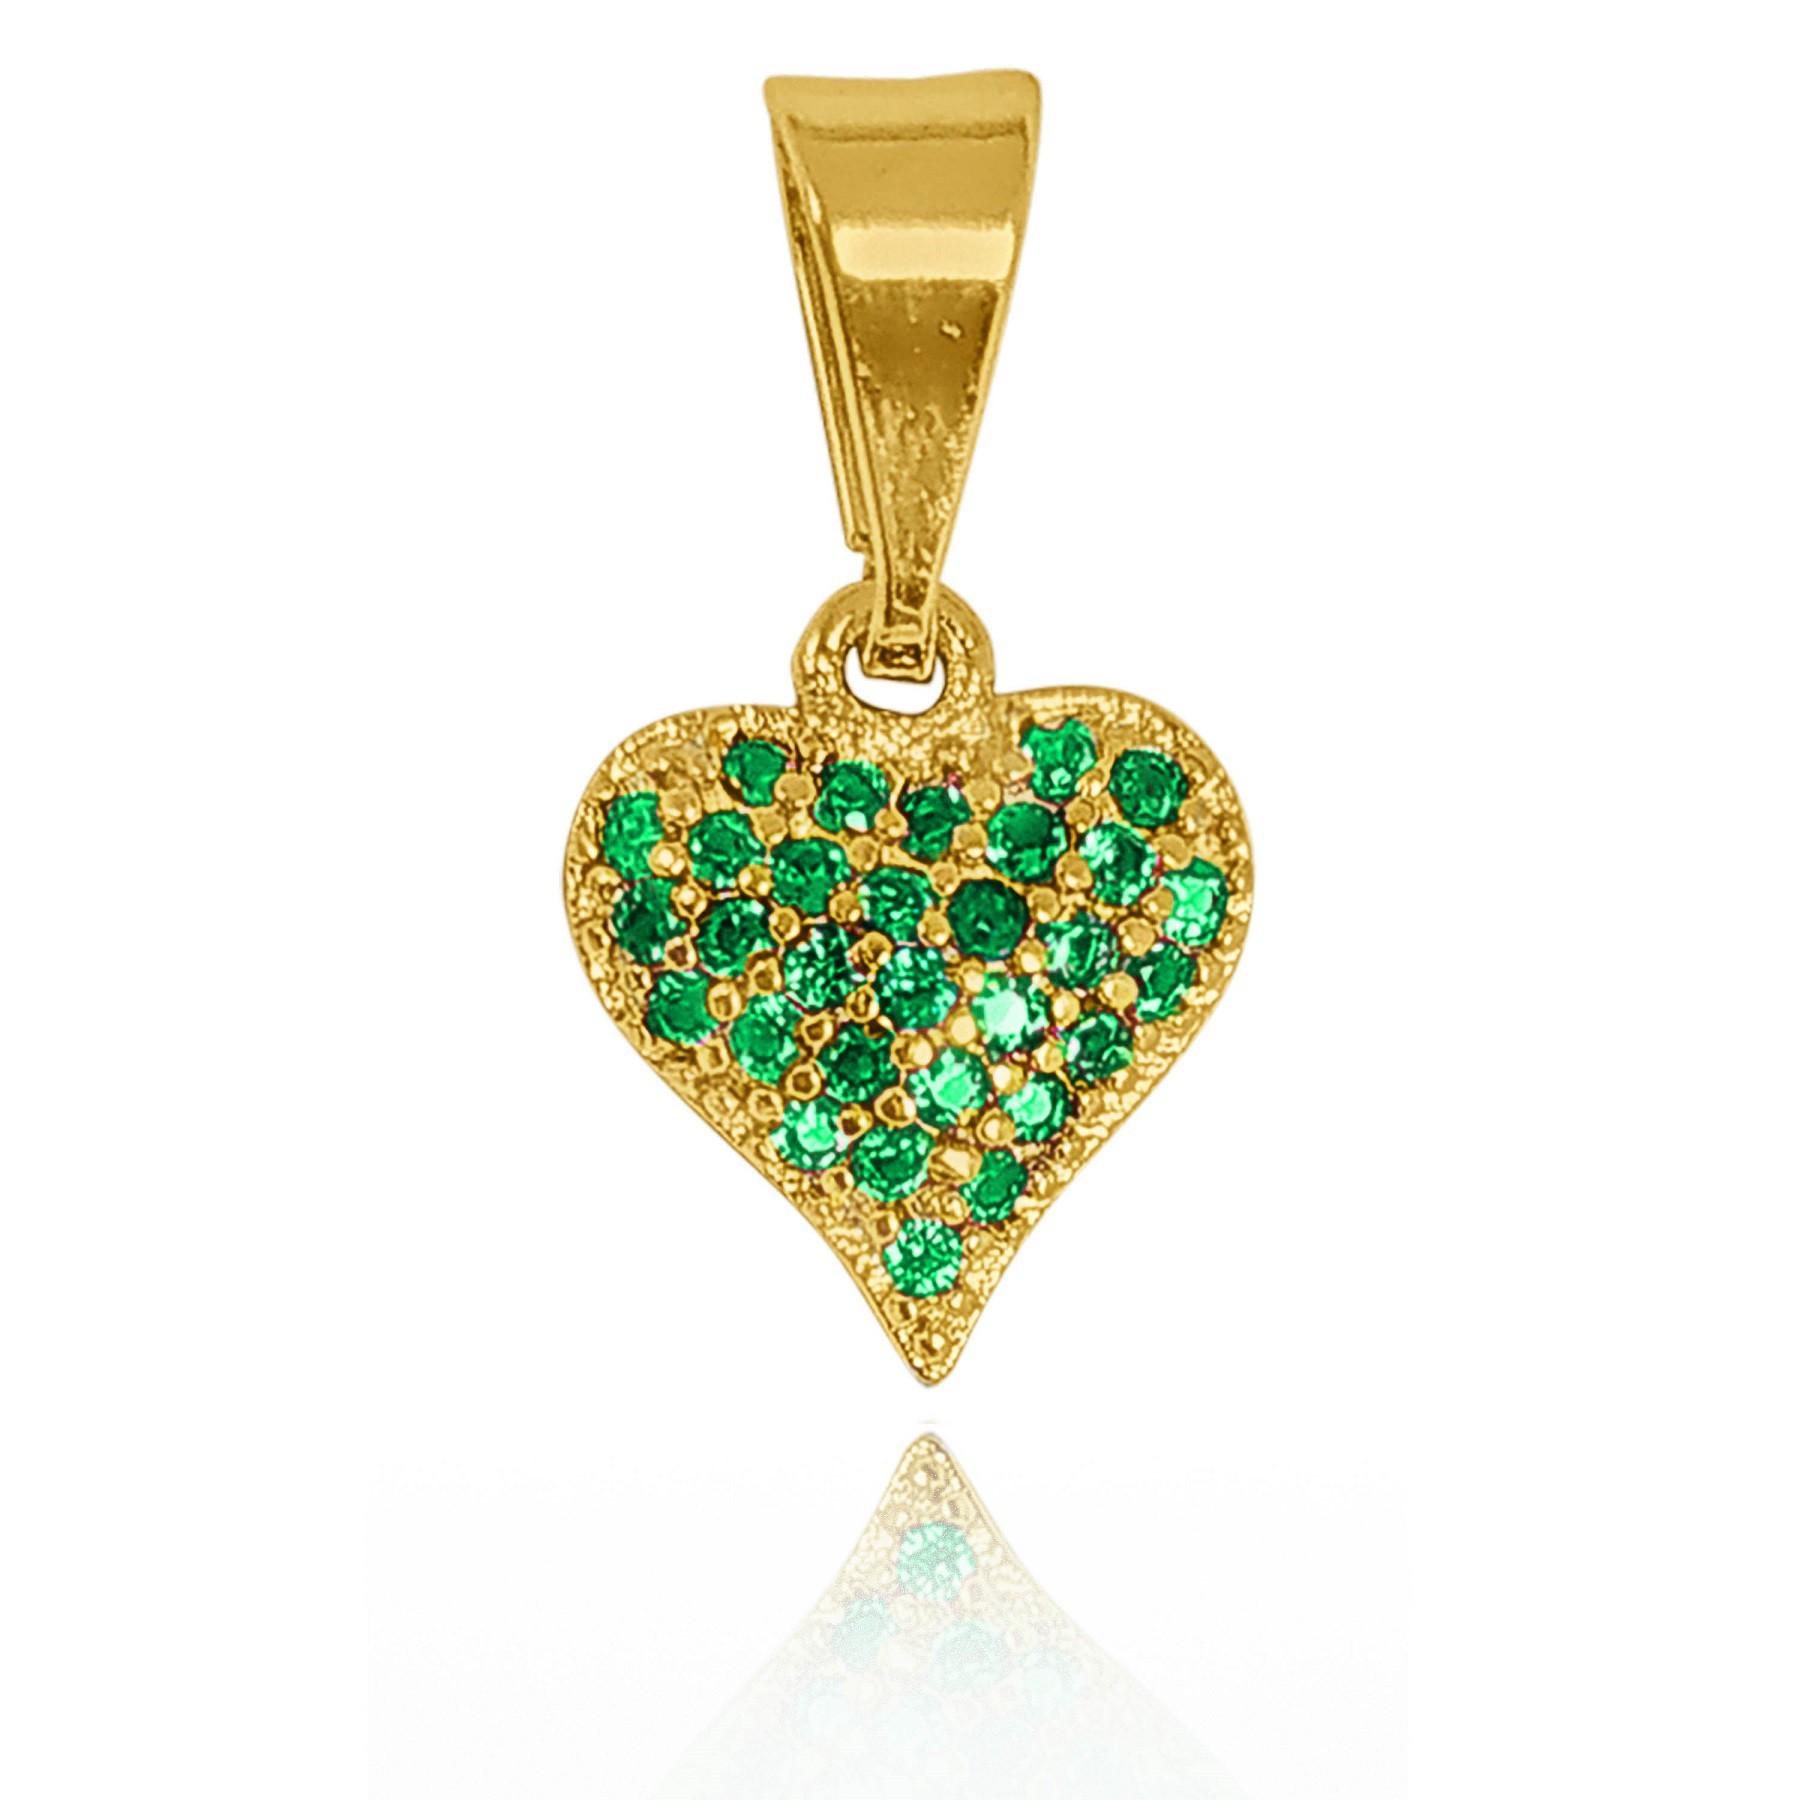 Pingente Coração Cravejado com Zircônia Folheado a Ouro 18k  - Lunozê Joias